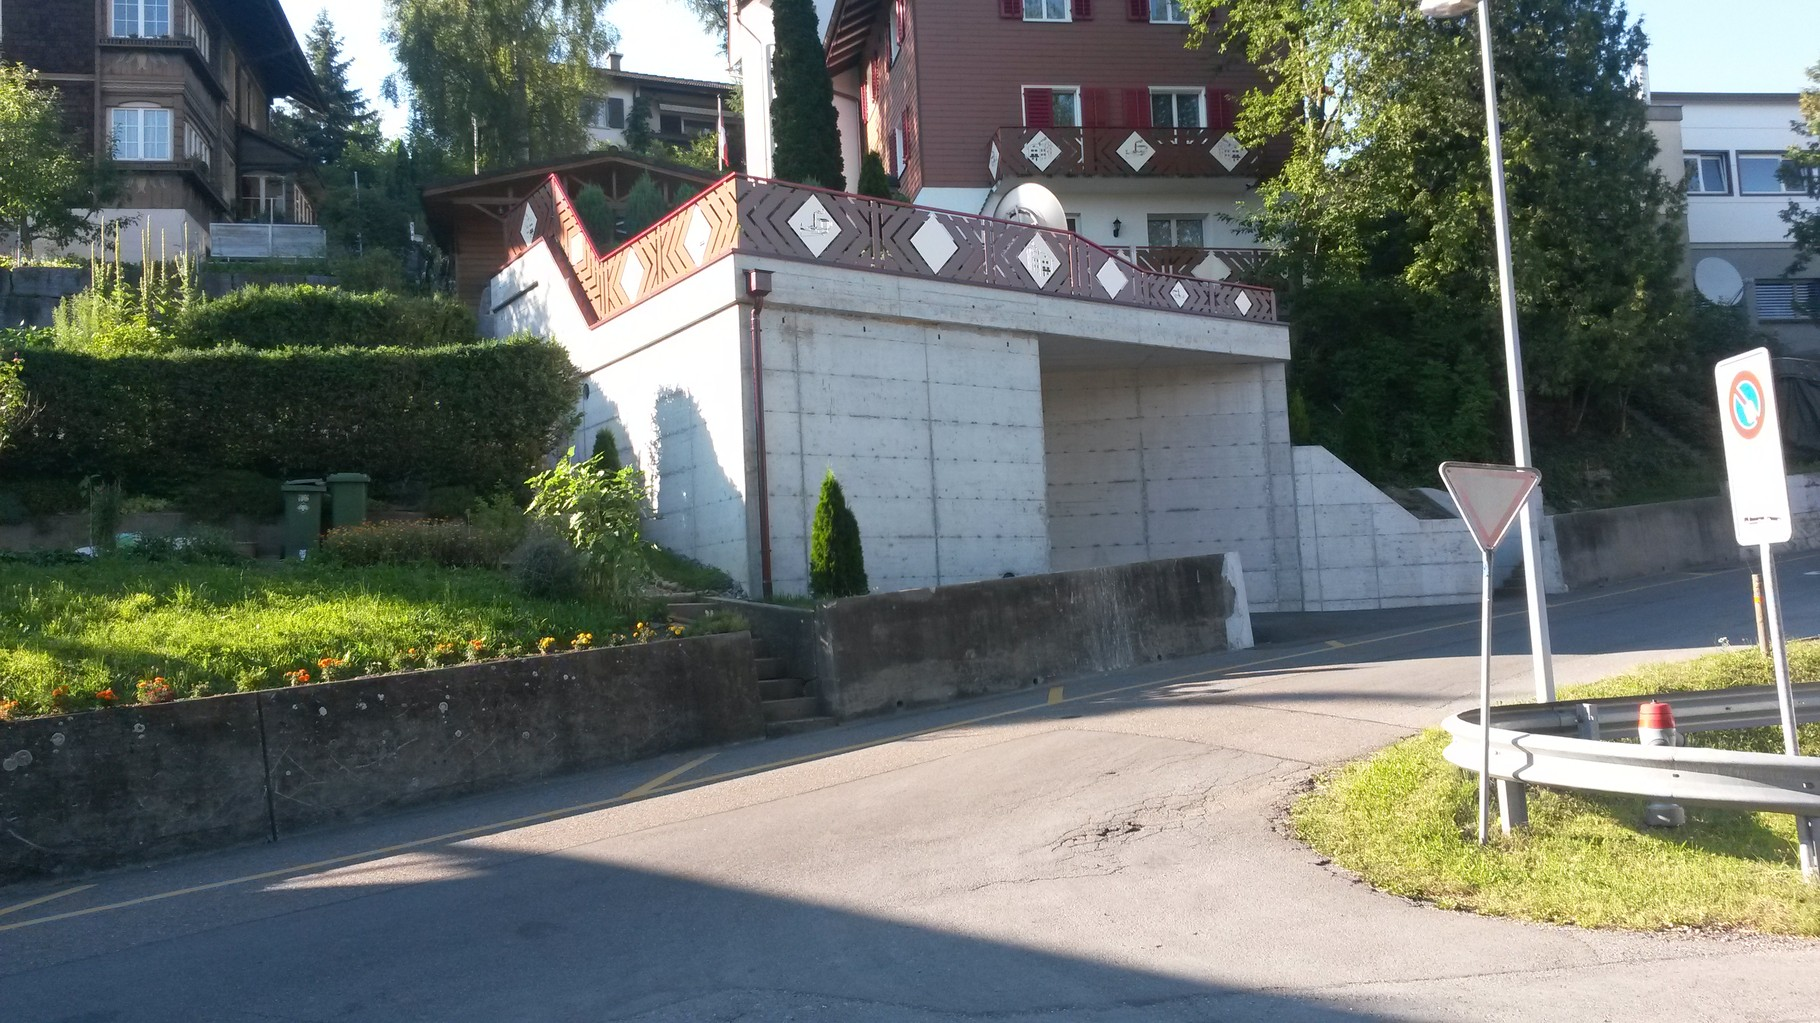 garage verputzen ausgleichshaftputz auf bestehende beton aufgetragen voranstrich aufgerollt. Black Bedroom Furniture Sets. Home Design Ideas